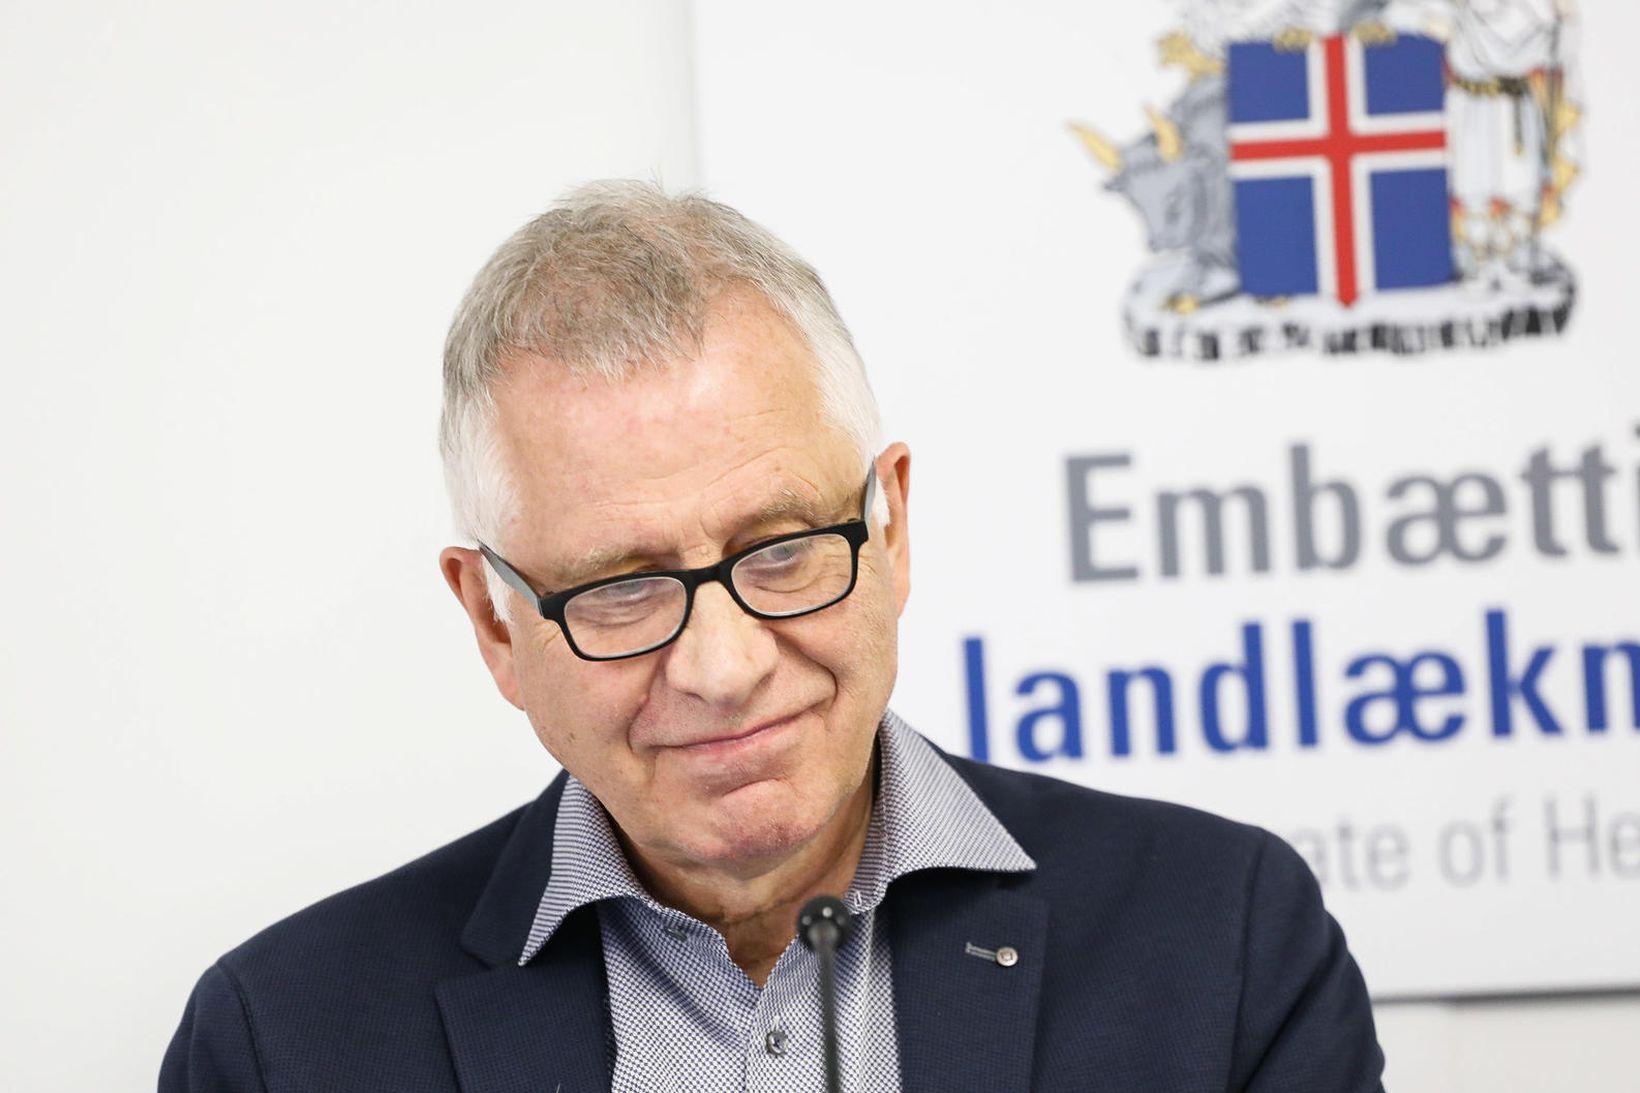 Þórólfur Guðnason sóttvarnalæknir sagðist hafa glott út í annað yfir …